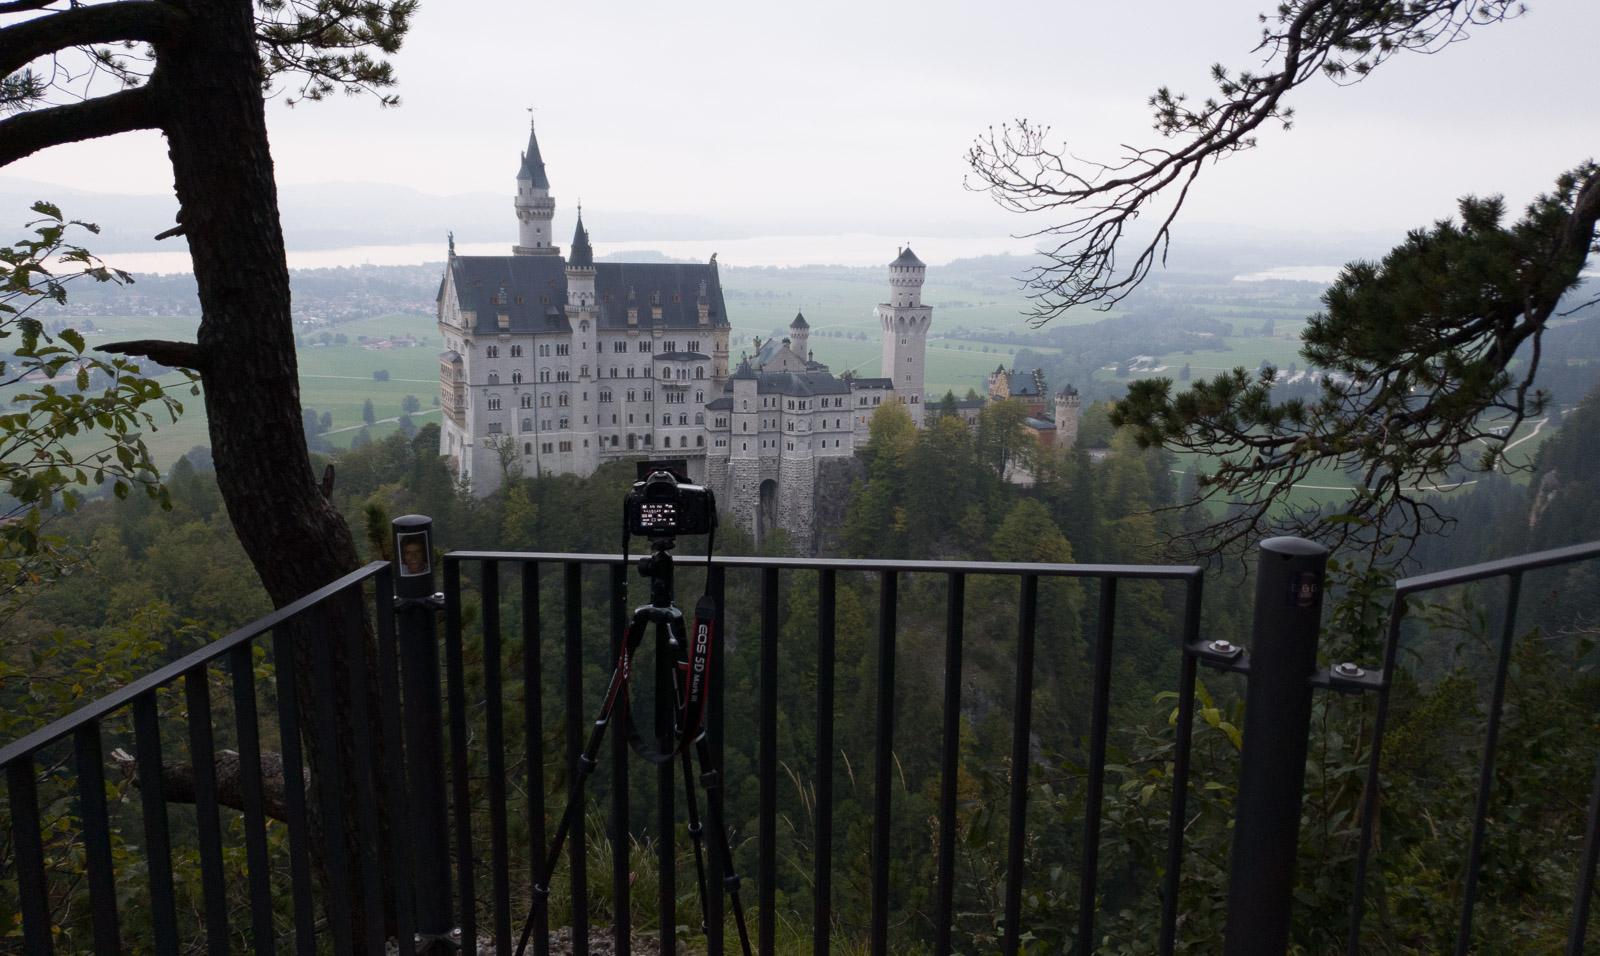 Eine Kamera auf einem Stativ macht ein Foto von Schloss Neuschwanstein